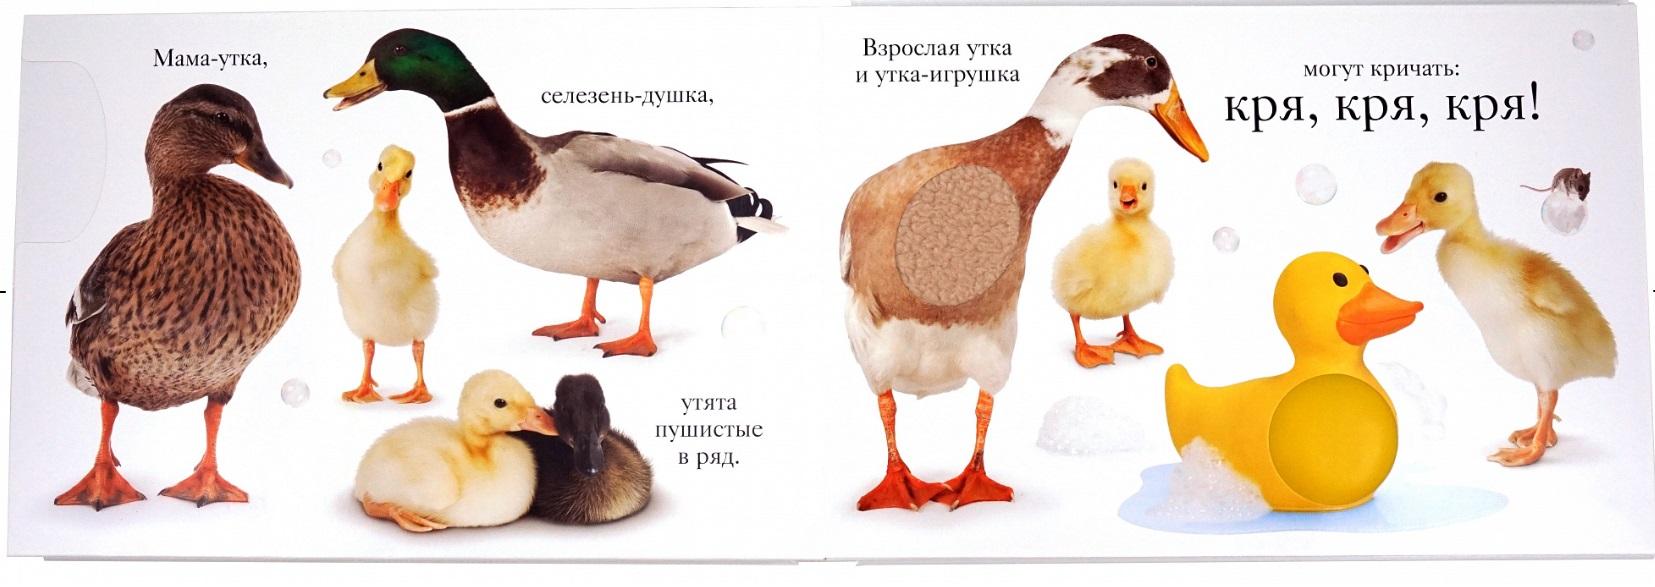 Как отличить селезня от утки: основные методы, полезные советы и видео